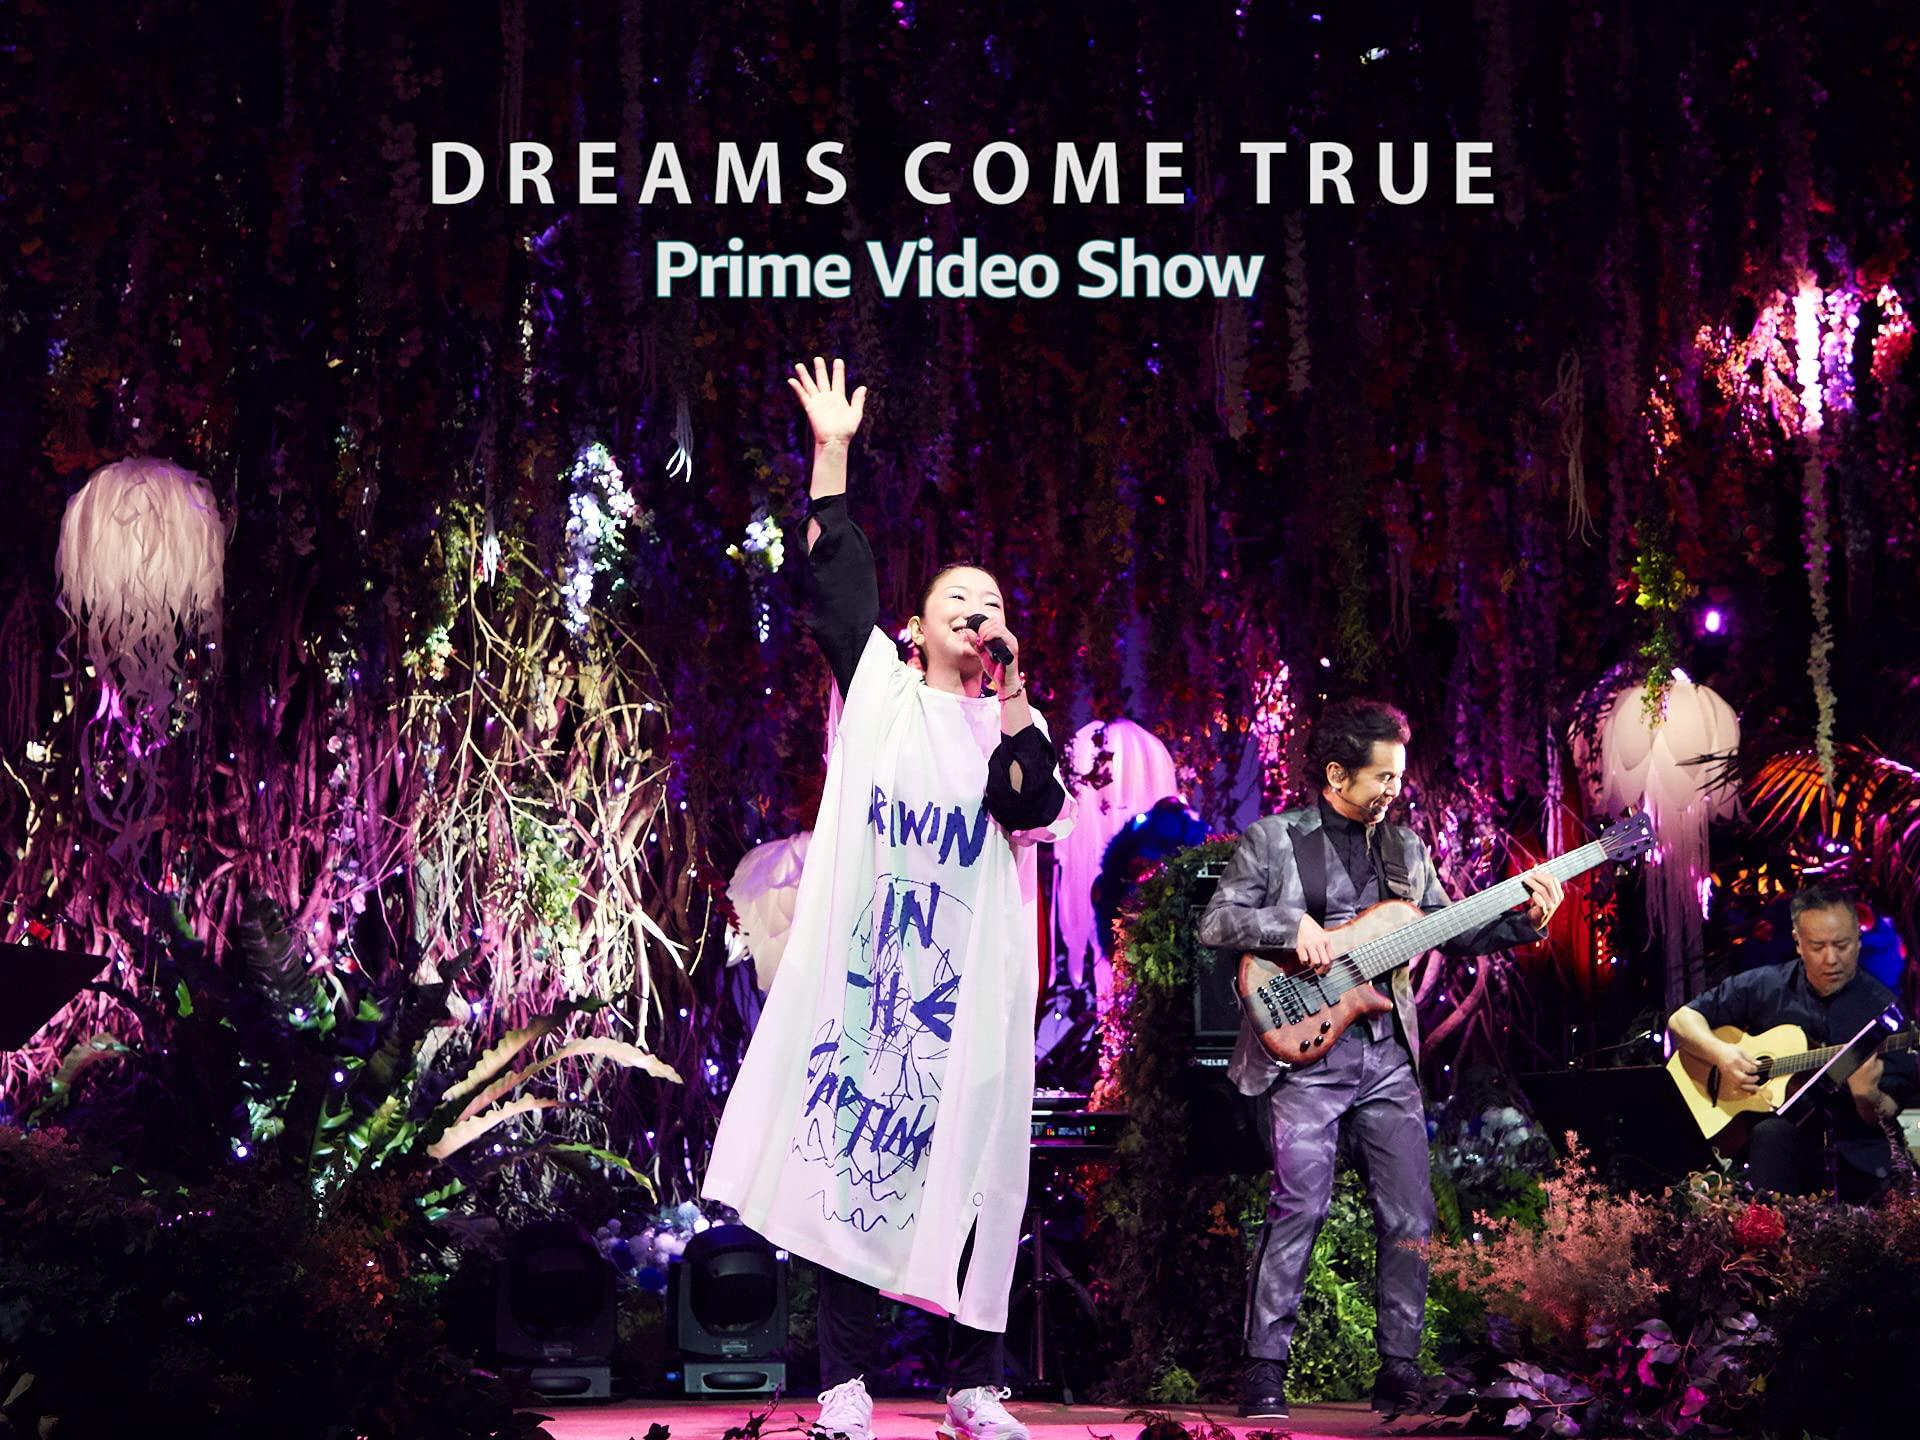 DREAMS COME TRUE Prime Video Show - Season 1